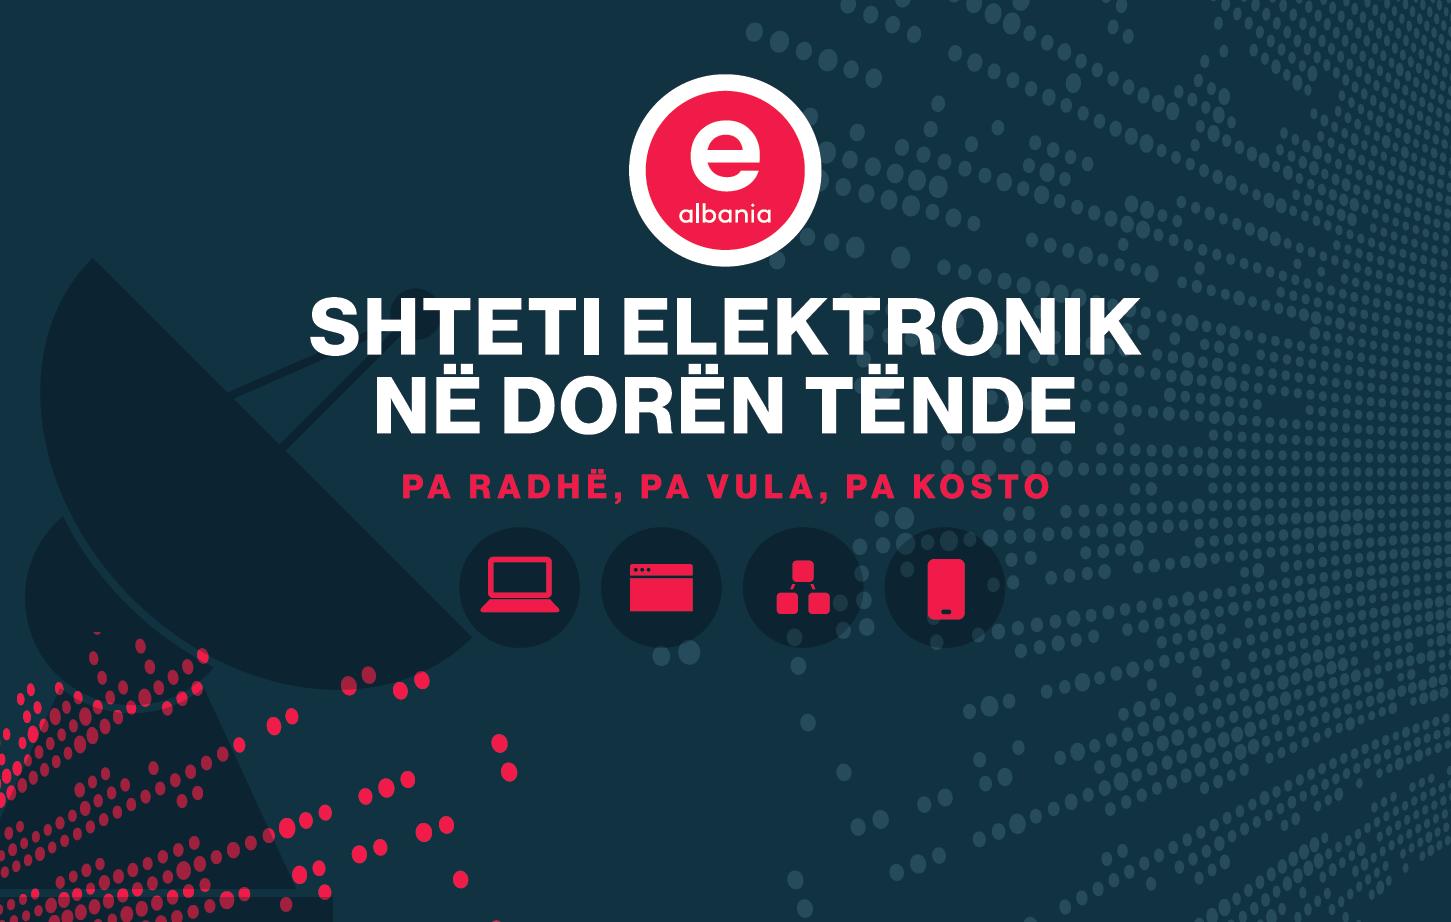 Publikohet imazhi i ri i Albanias; shtohen lehtësitë për përdorimin e portalit